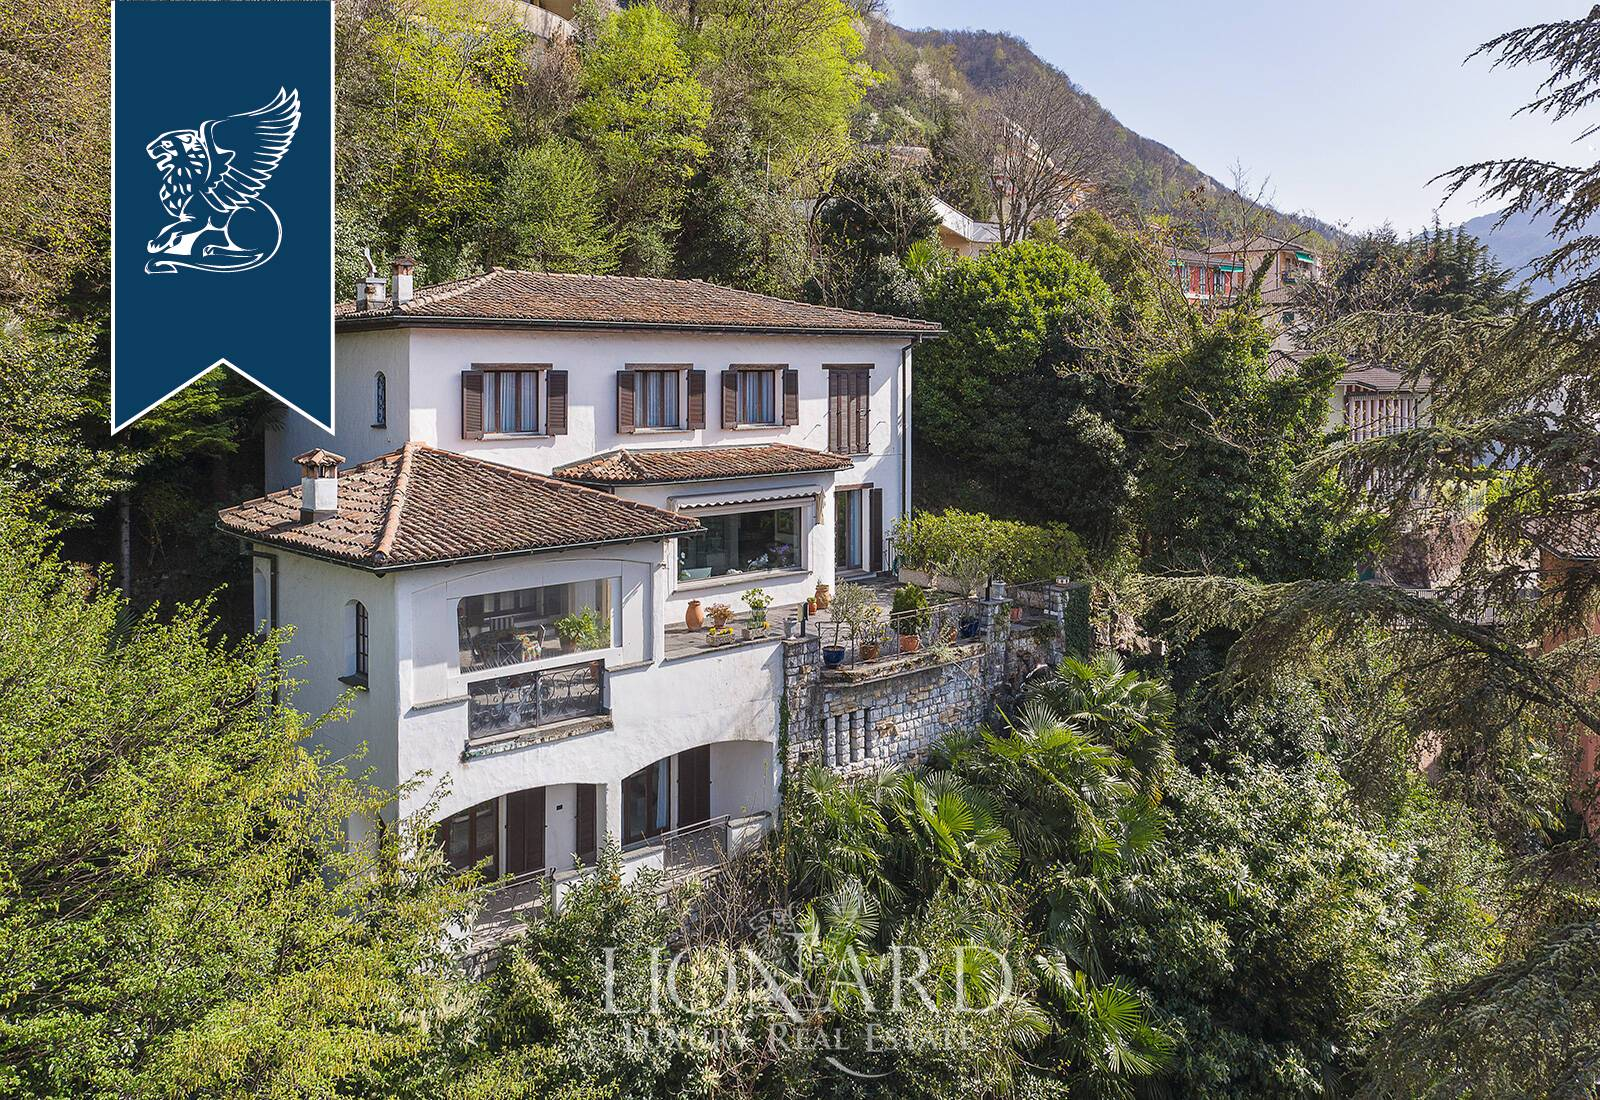 Villa in Vendita a Campione D'Italia: 0 locali, 354 mq - Foto 4